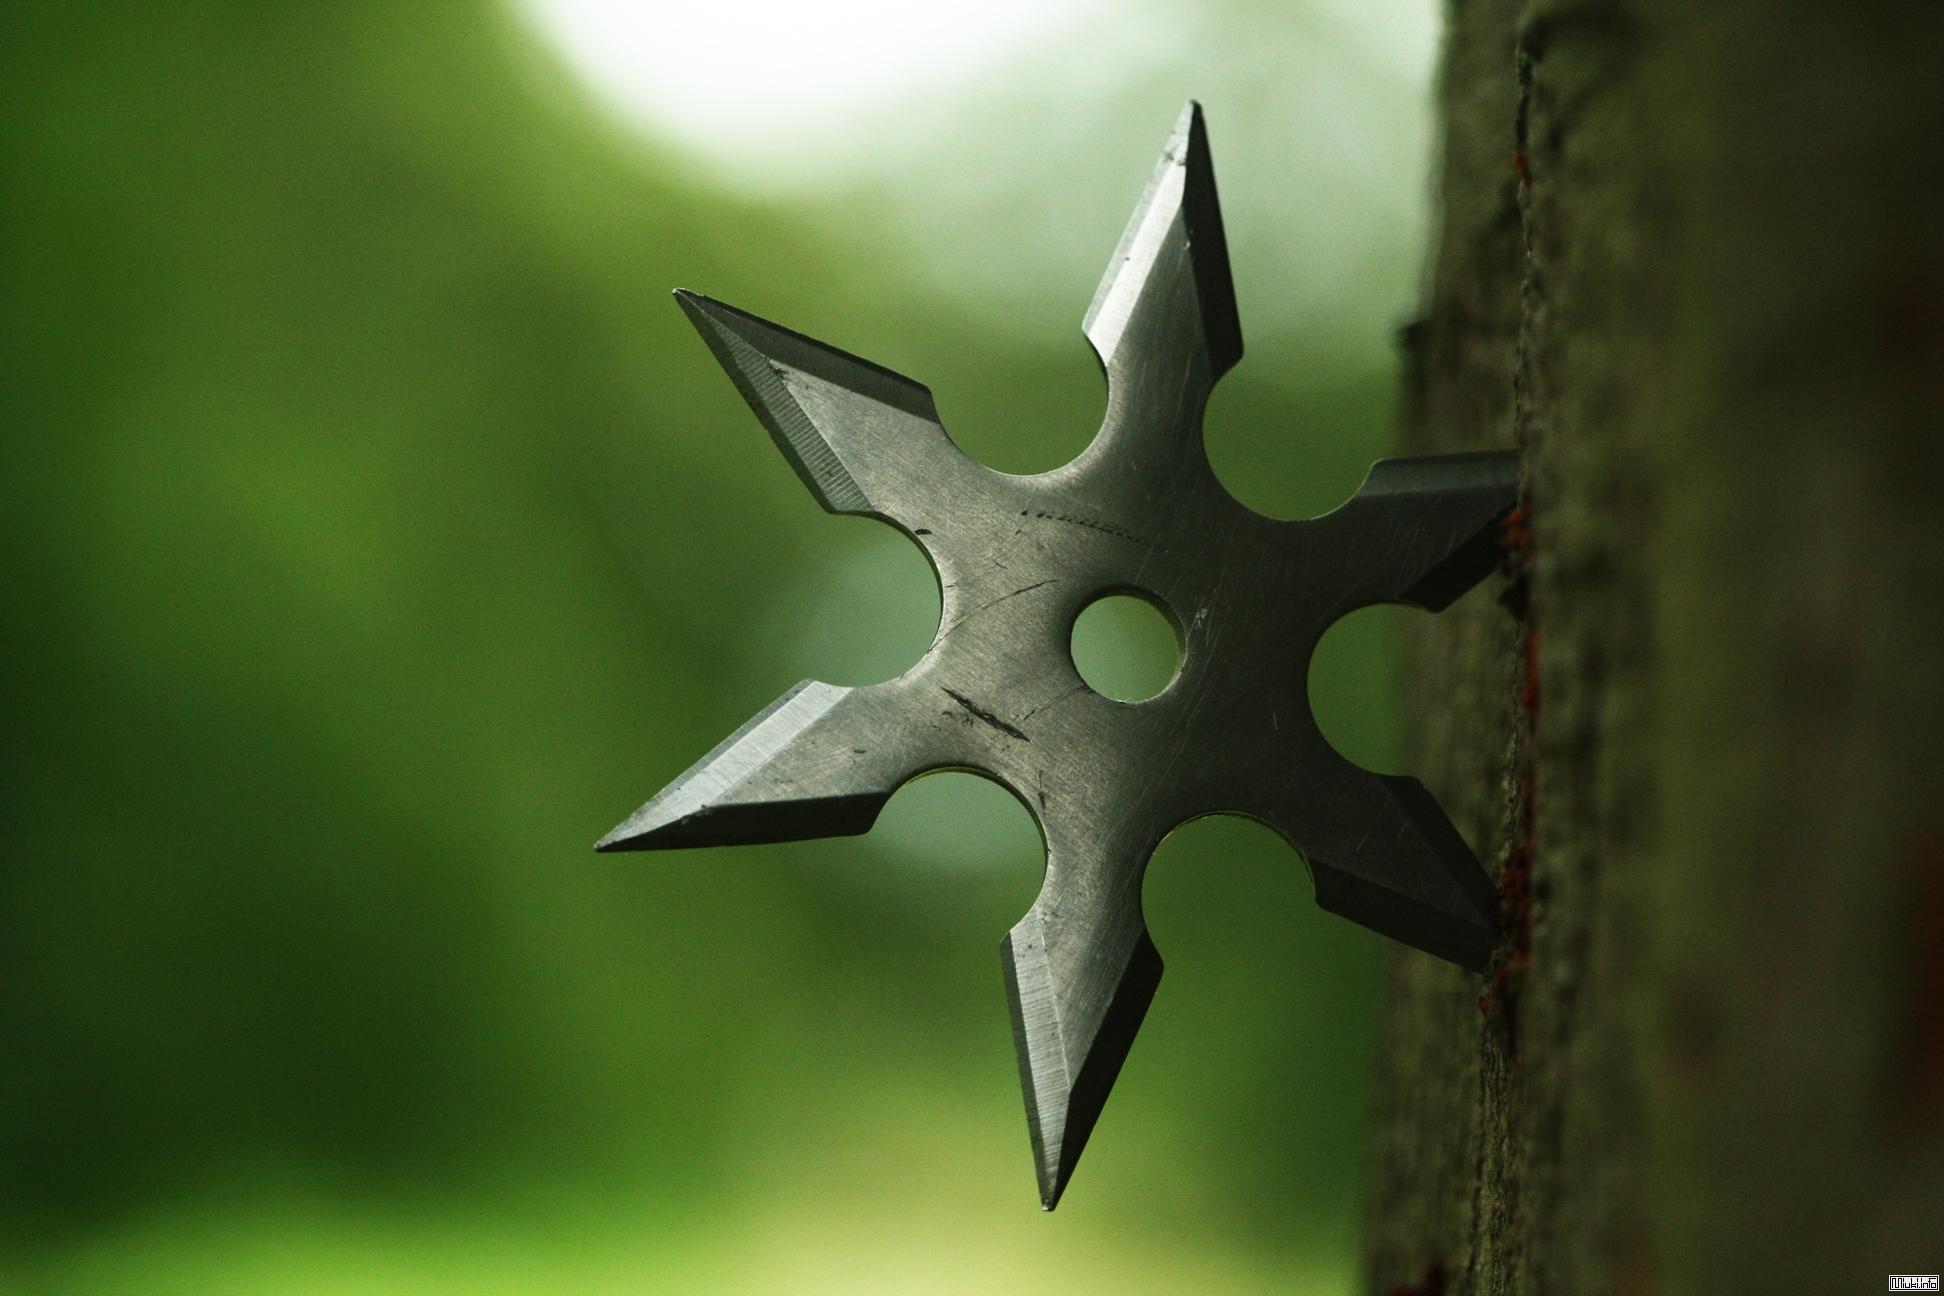 Shuriken wood ninja metal weapon martial arts wallpaper backgroundNinja Weapons Wallpaper